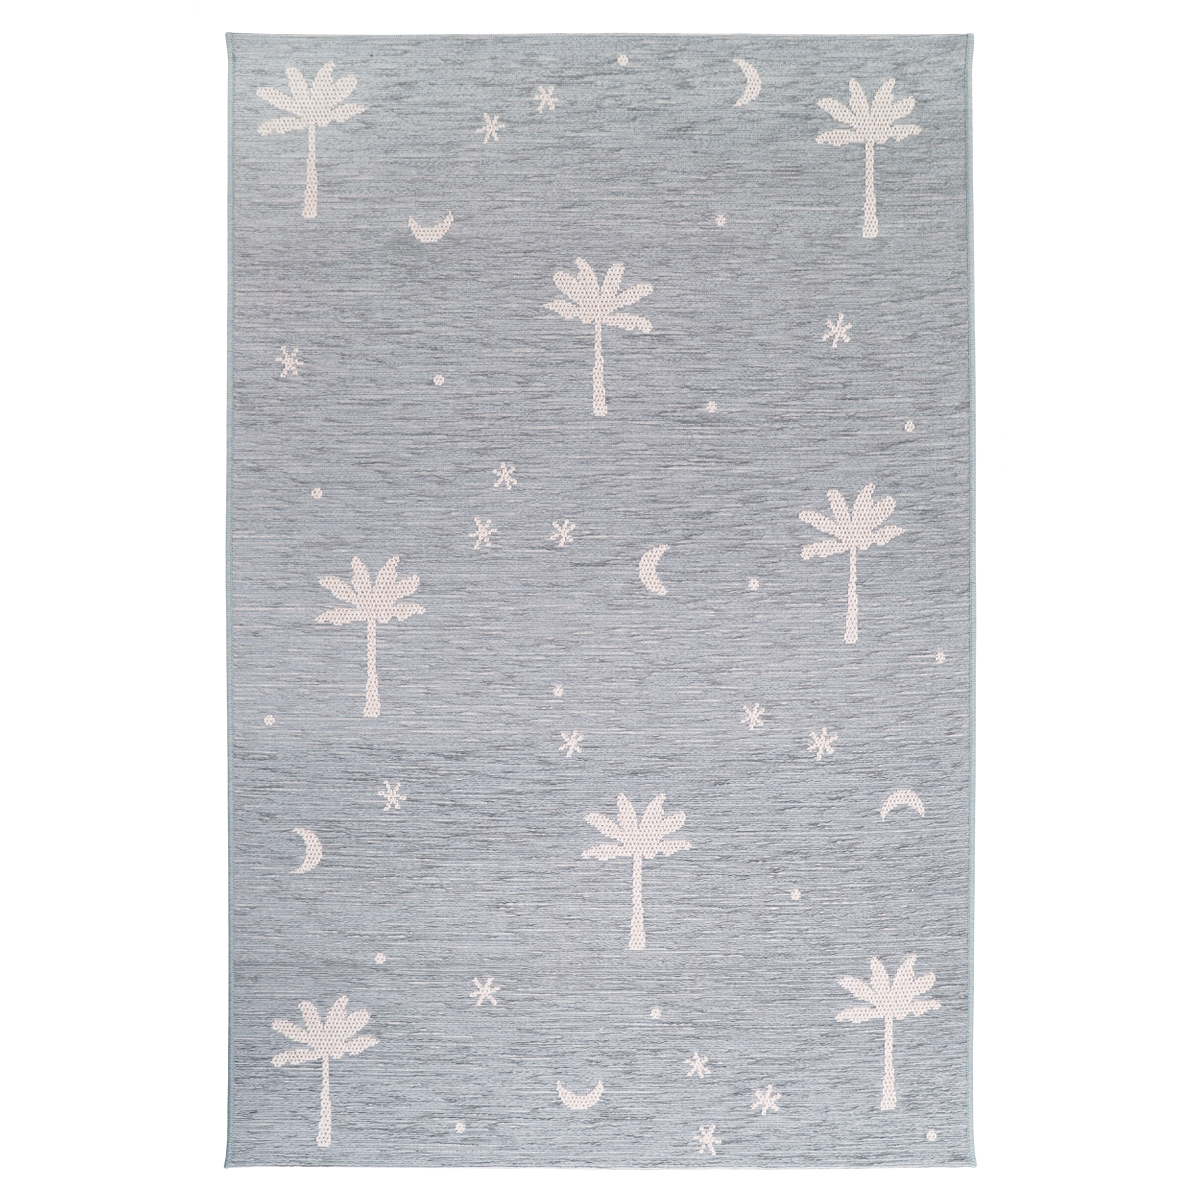 Tapis enfant motif palmier PALM DREAM bleu gris